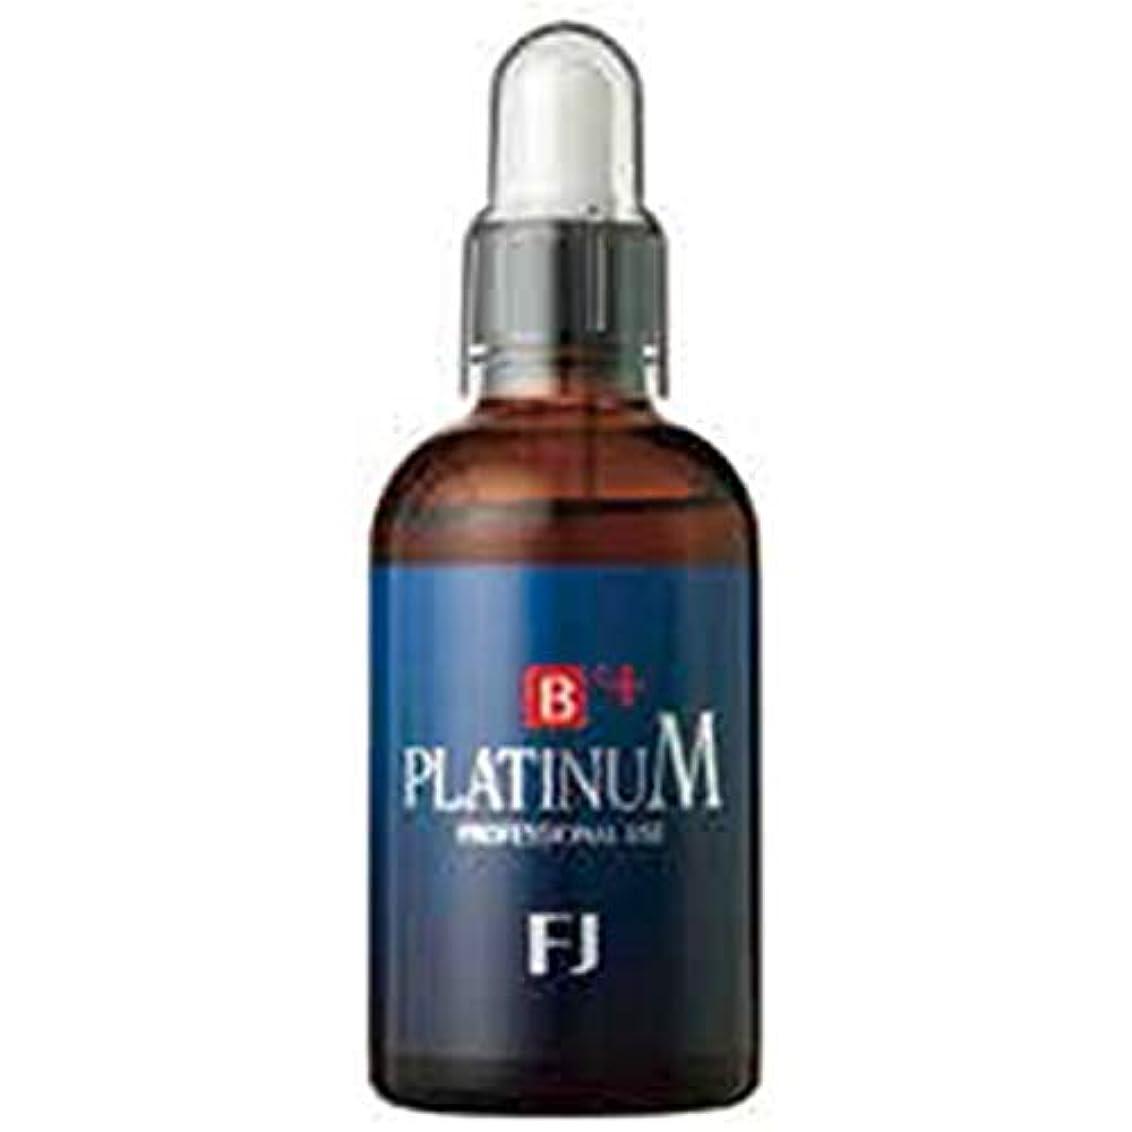 アリ作り踏み台【ビューティー プラチナム】 PLATINUM B'+  フォスファチジルコリン20%高濃度美容液  :100ml